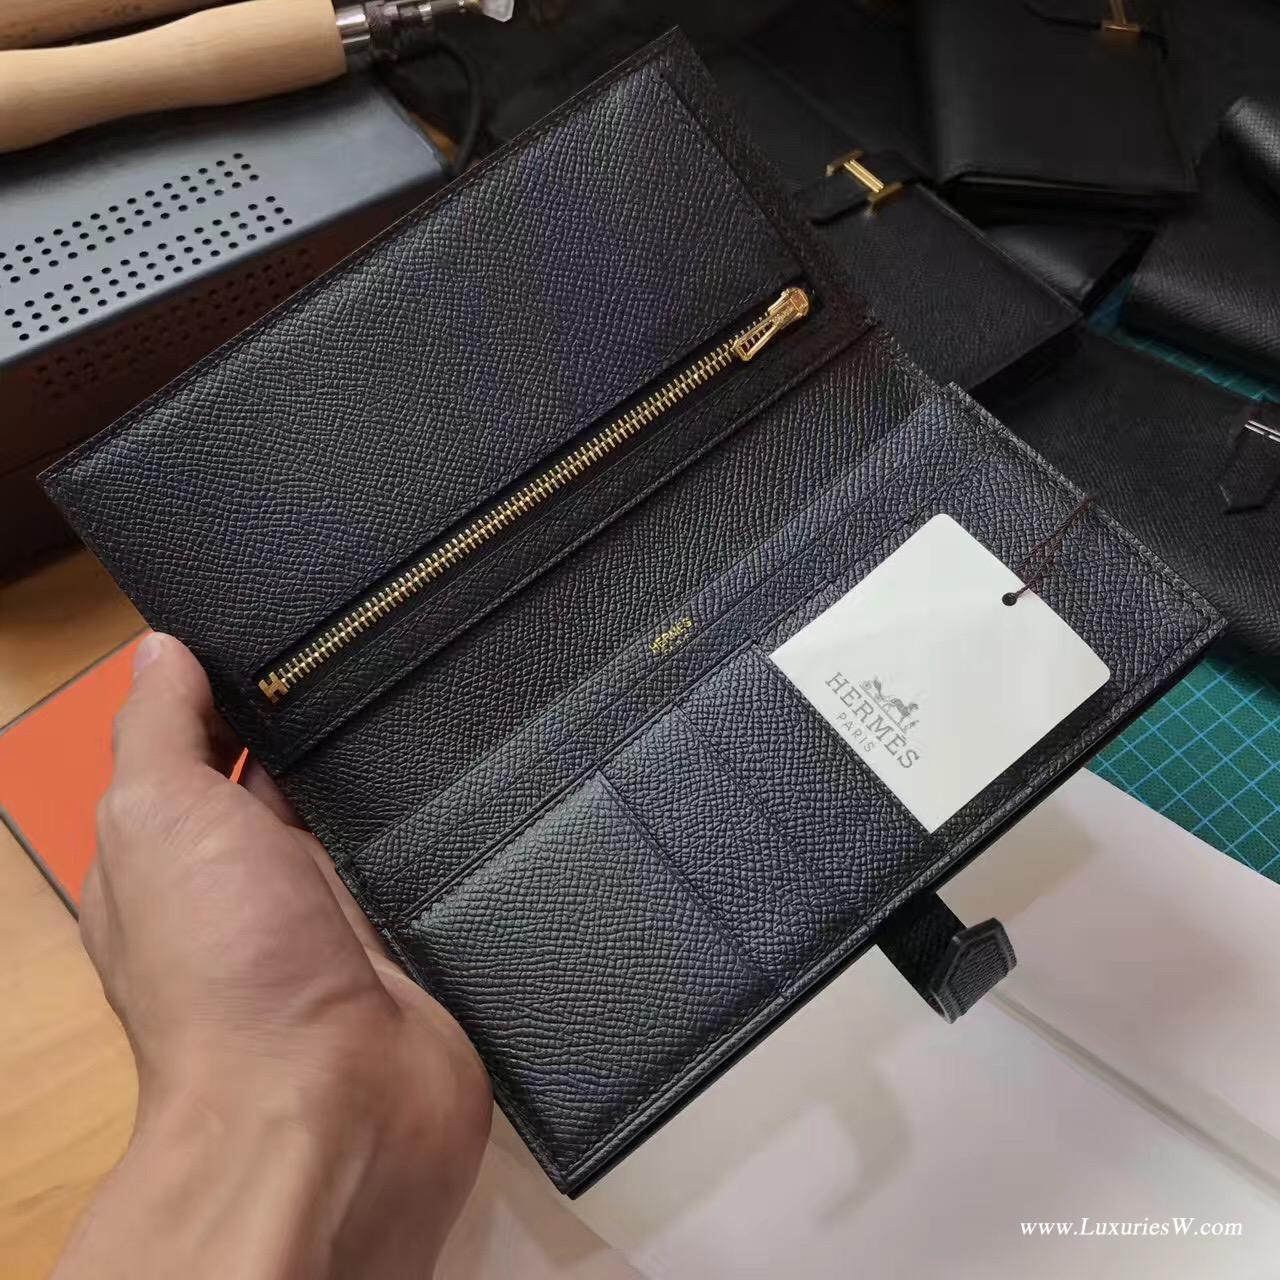 香港九龍城區九龍城 愛馬仕長款錢包 Hermes Bearn Epsom CK89 Nior 金扣